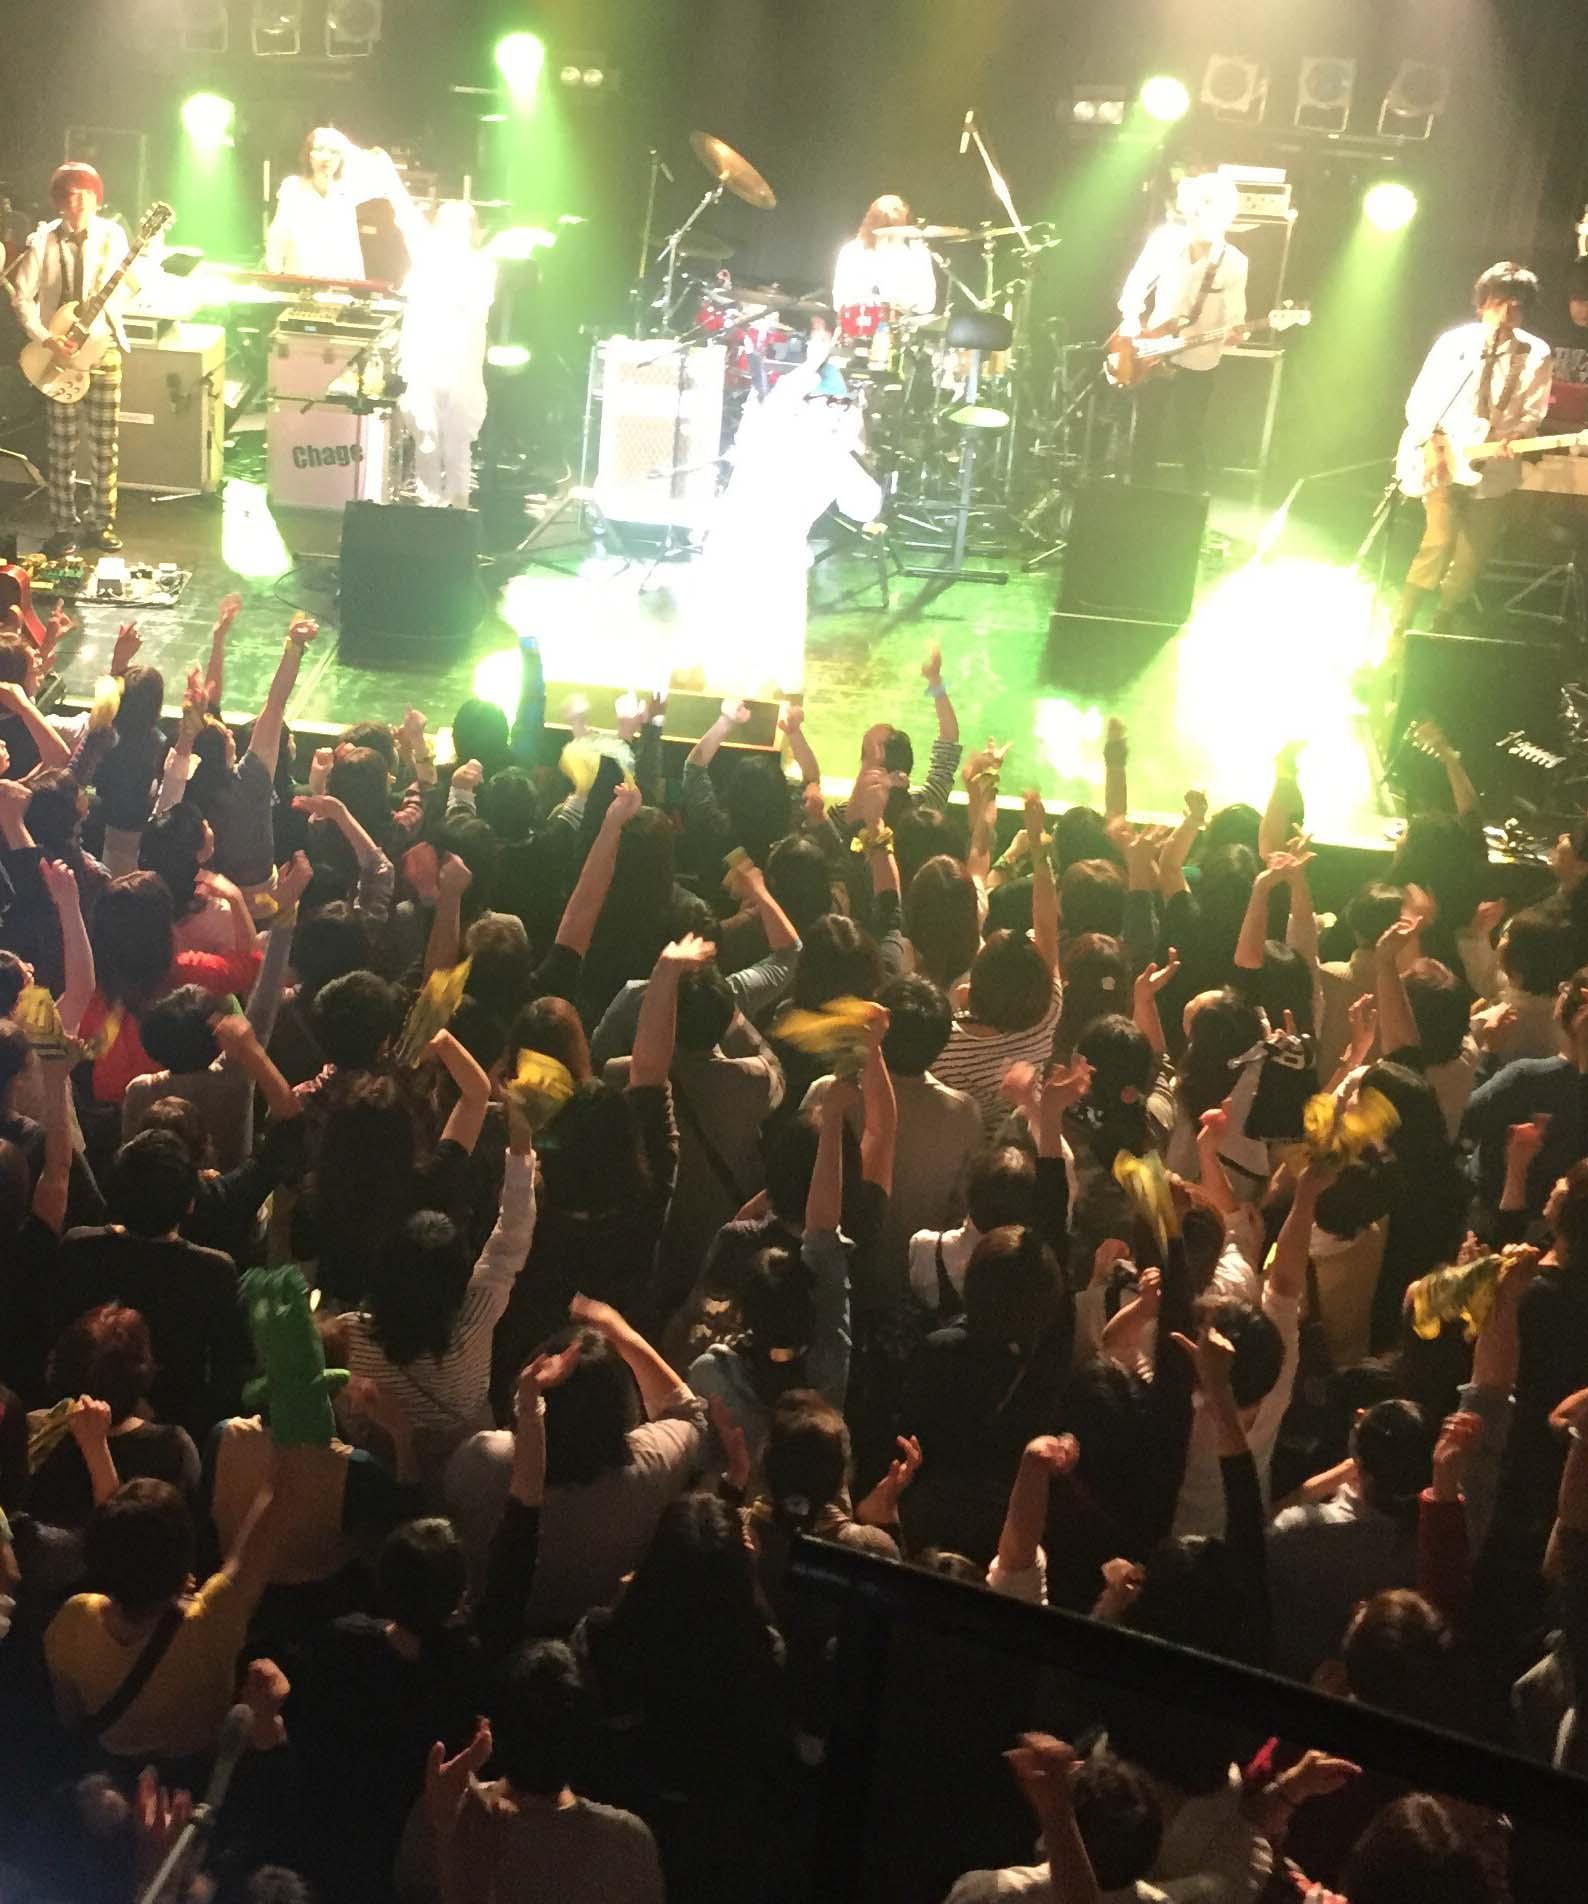 『Chage Live Tour 2015 〜天使がくれたハンマー〜』札幌公演終了!